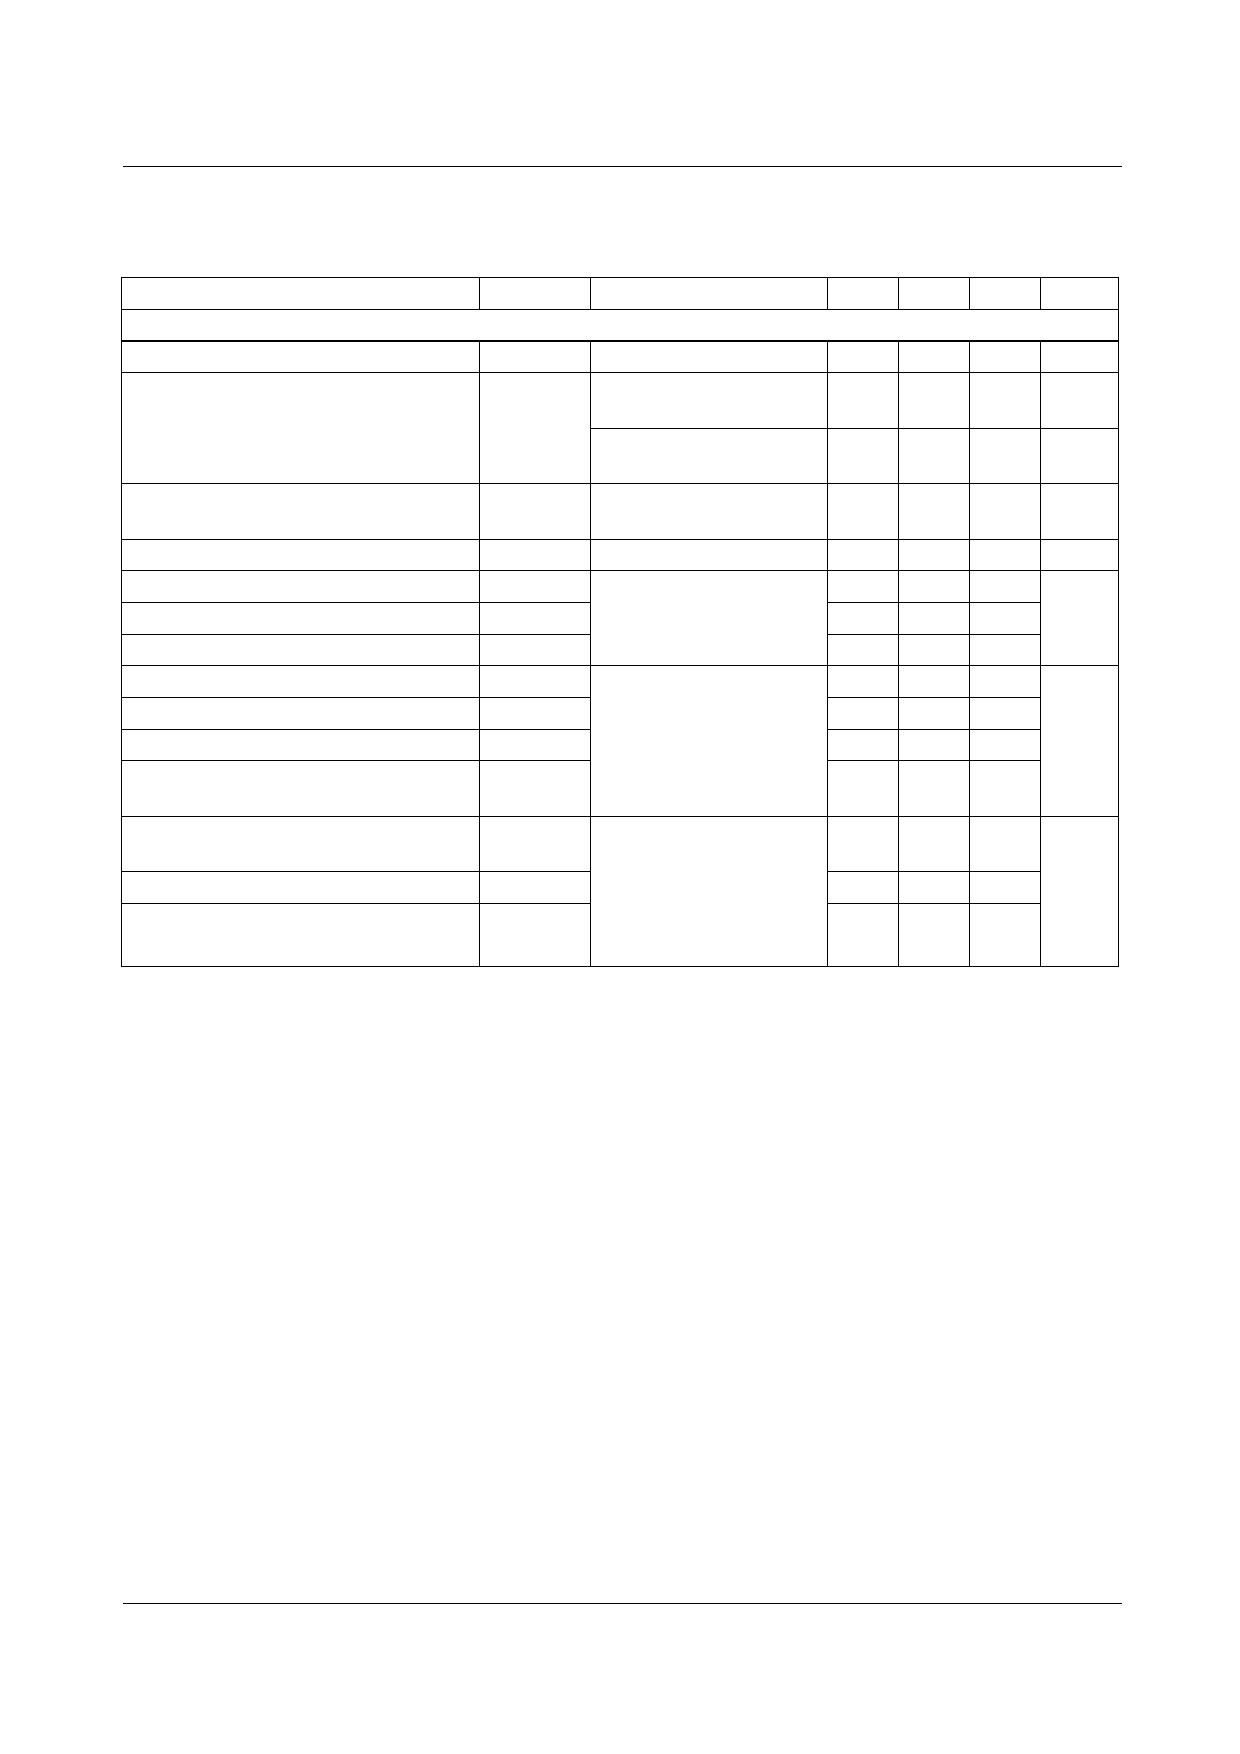 FSDM311L pdf